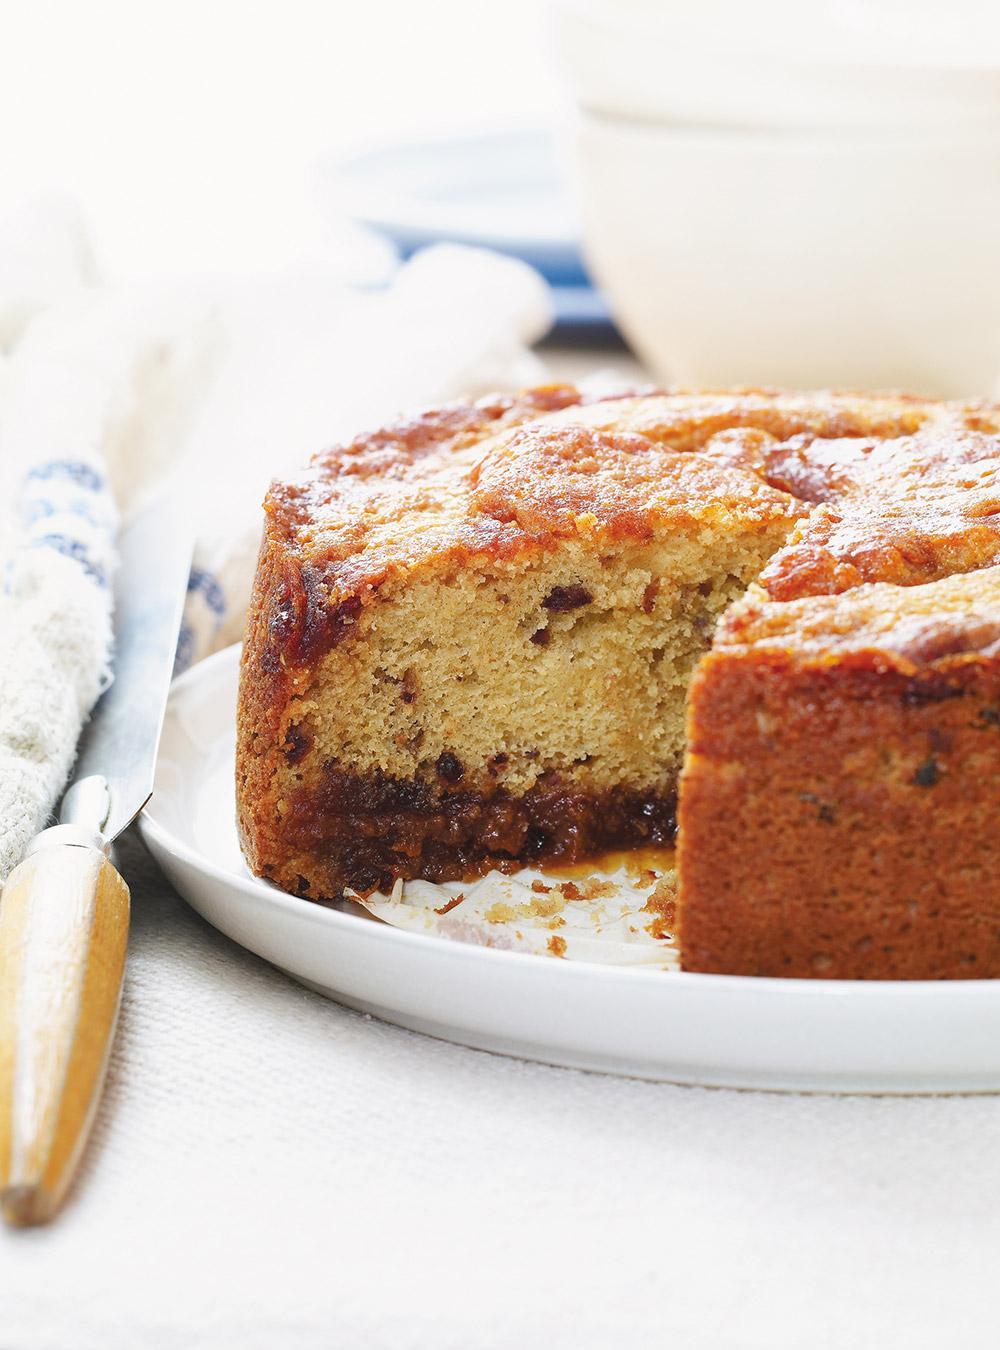 Gâteau au caramel aux dattes | ricardo